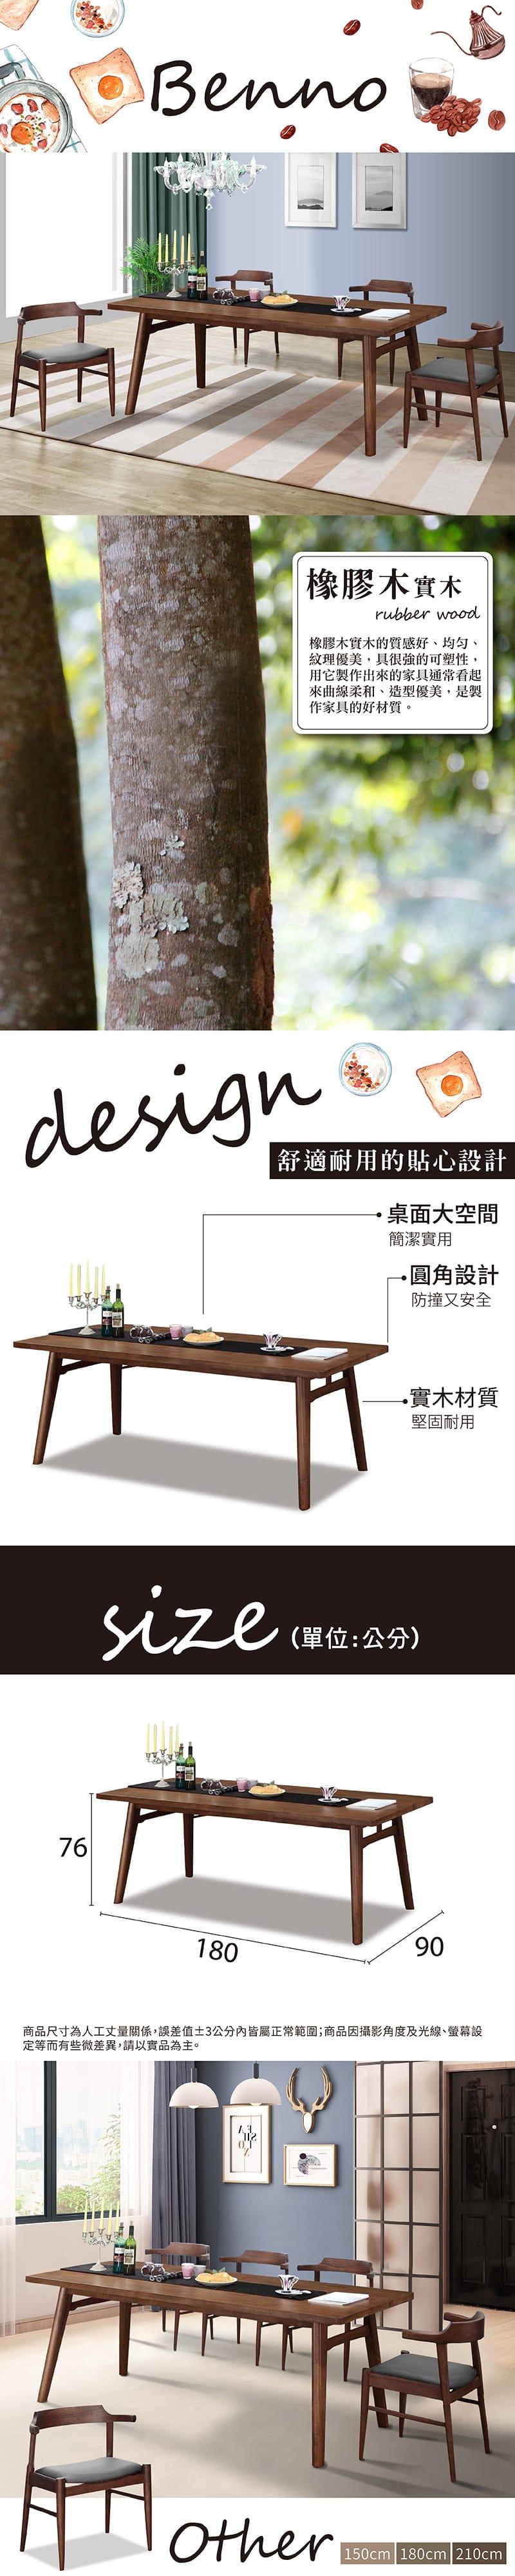 班諾 實木餐桌 寬180cm